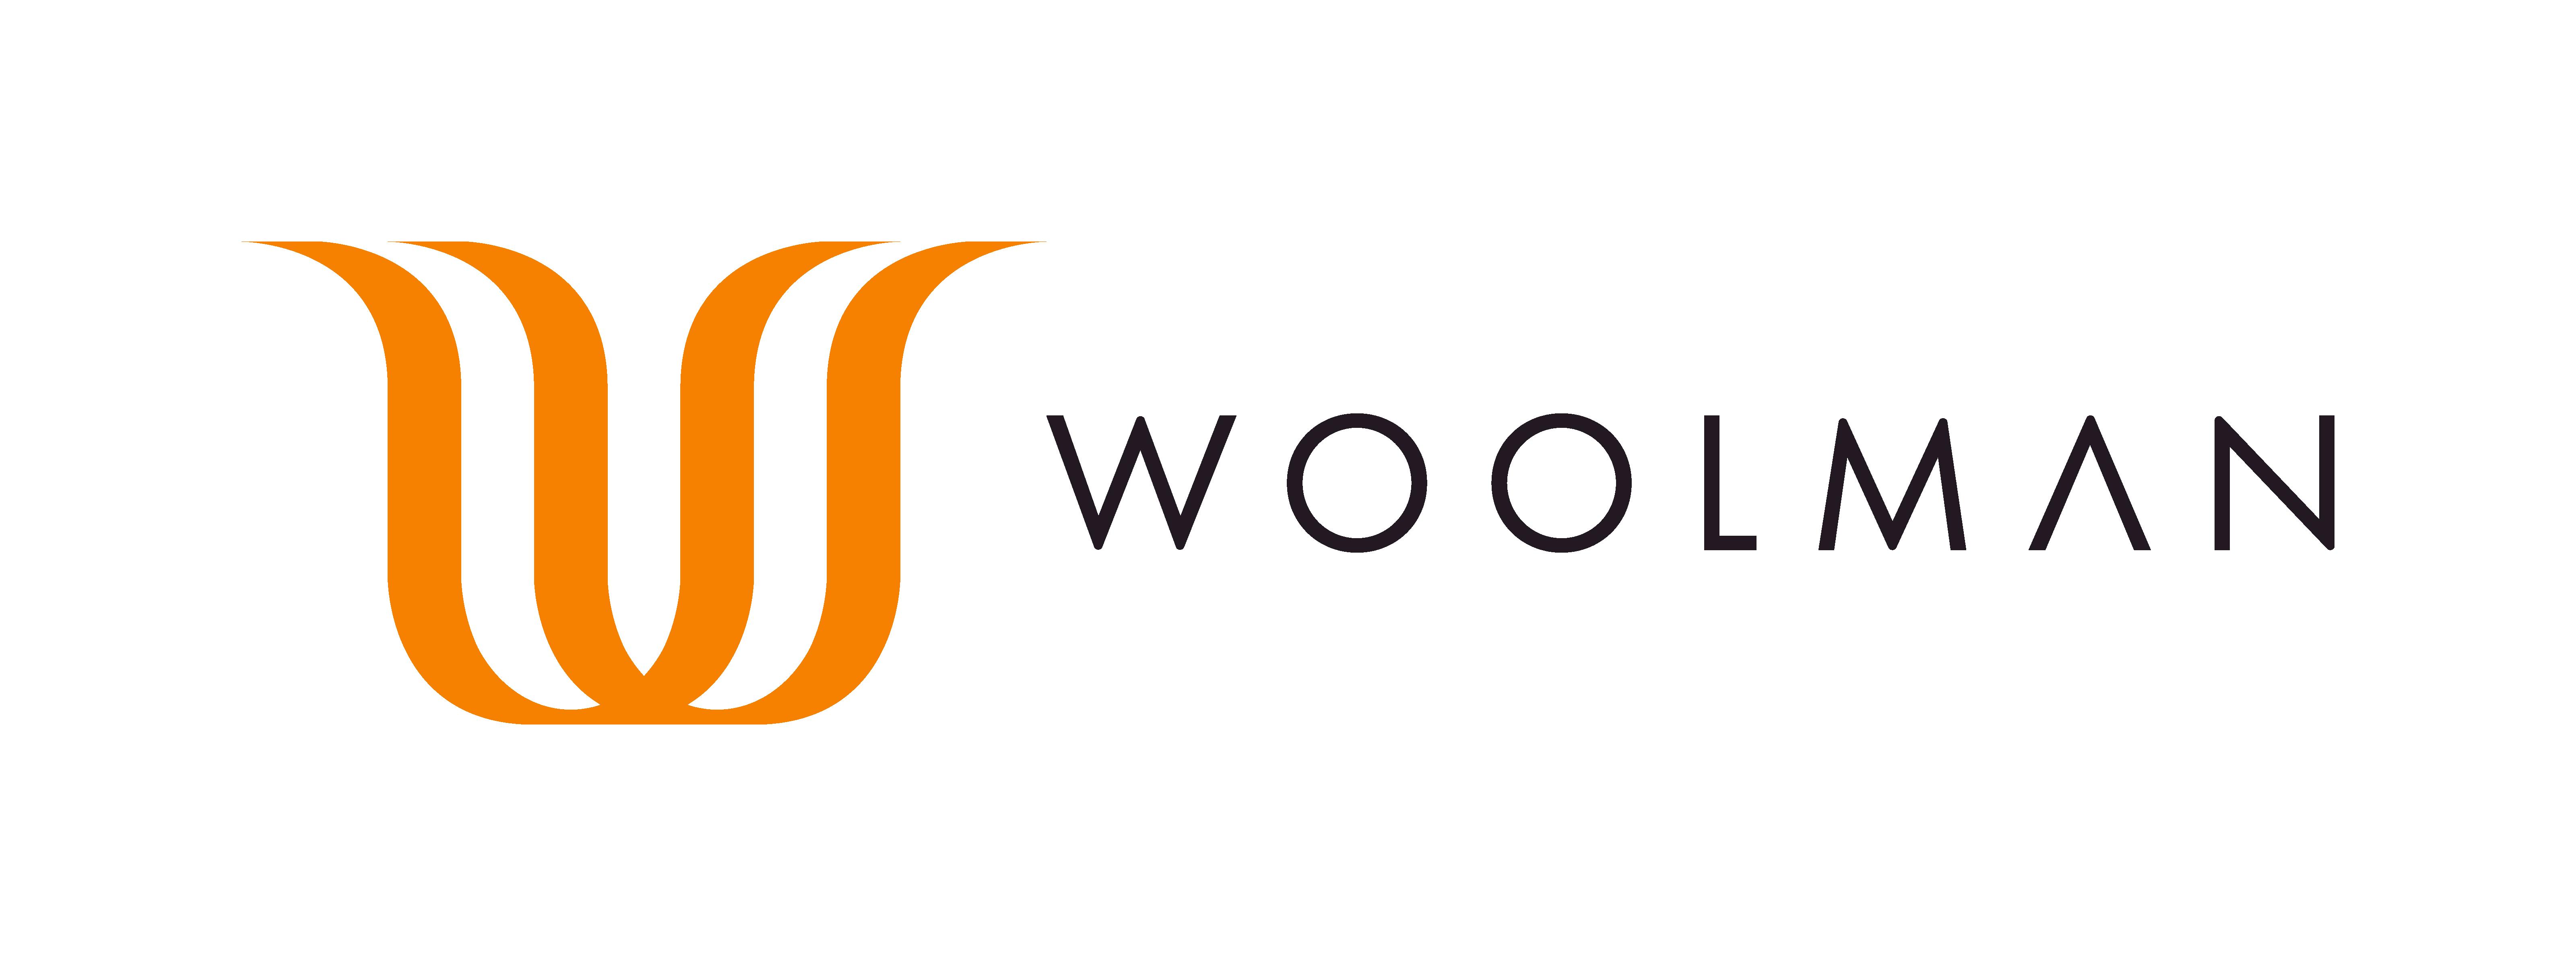 Woolman-logo-horizontal-orange-black@4x-1